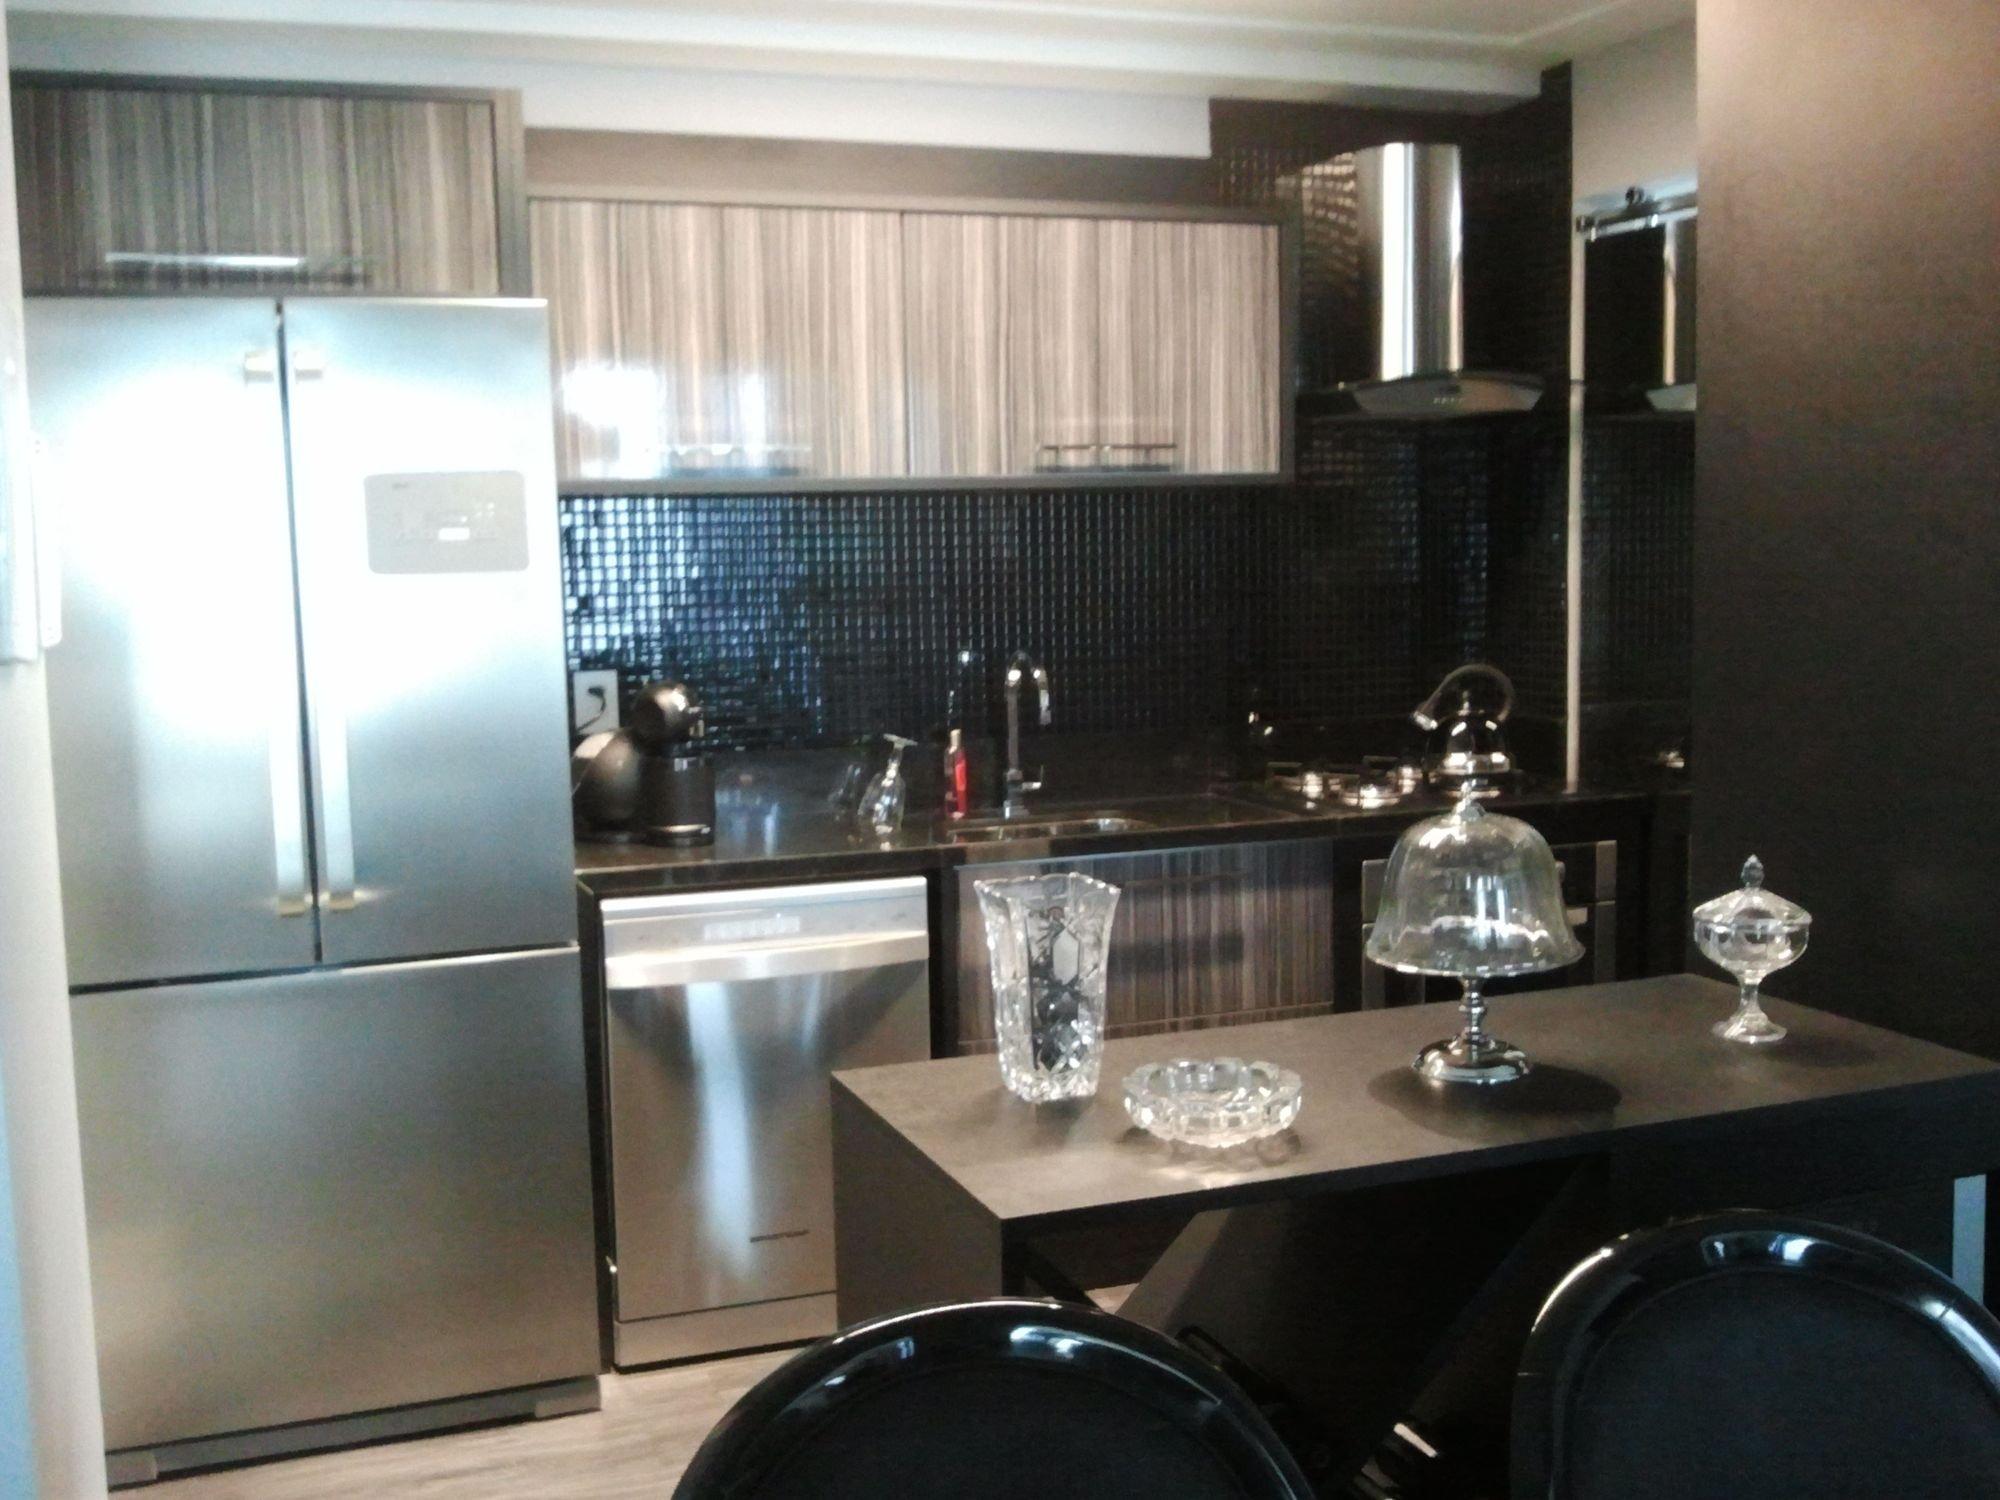 Foto de Cozinha com vaso, tigela, geladeira, cadeira